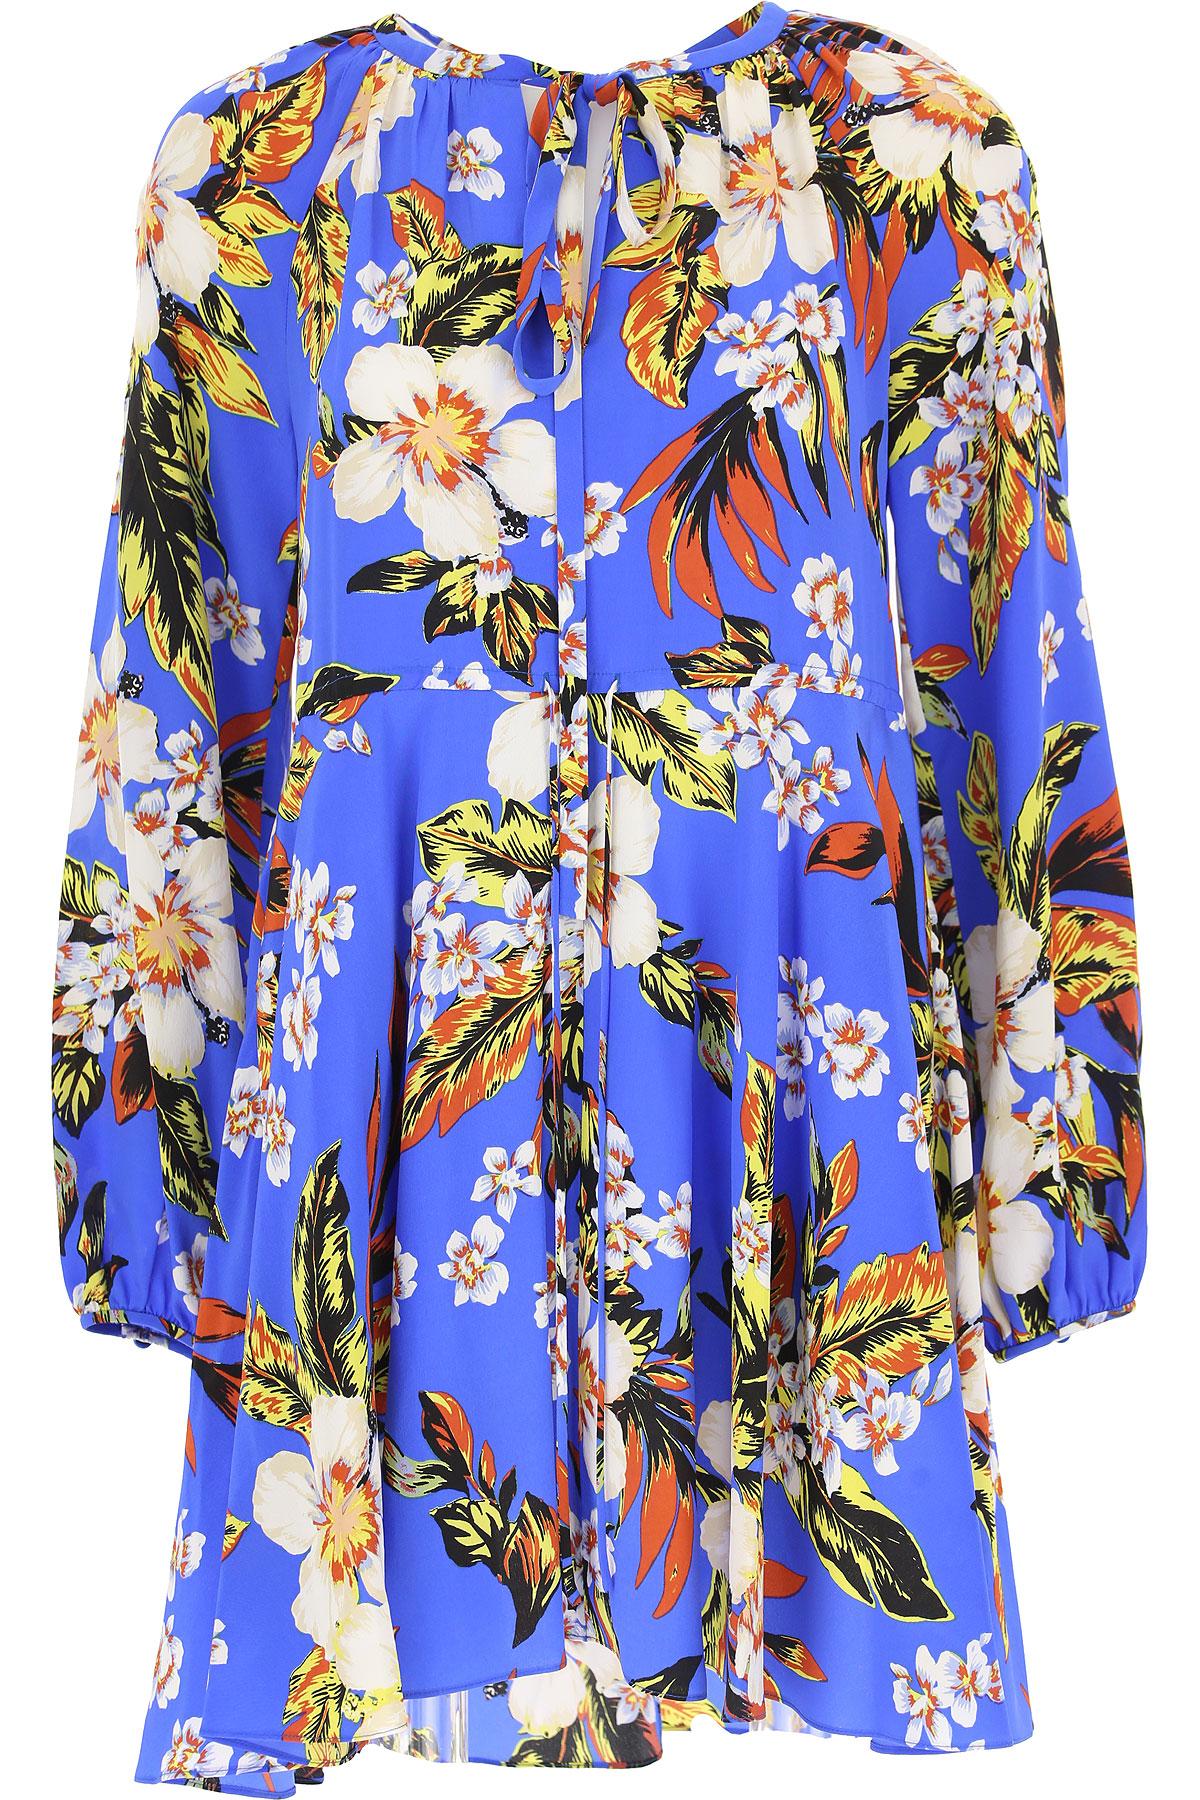 Image of Diane Von Furstenberg Dress for Women, Evening Cocktail Party, Blue, Silk, 2017, 2 6